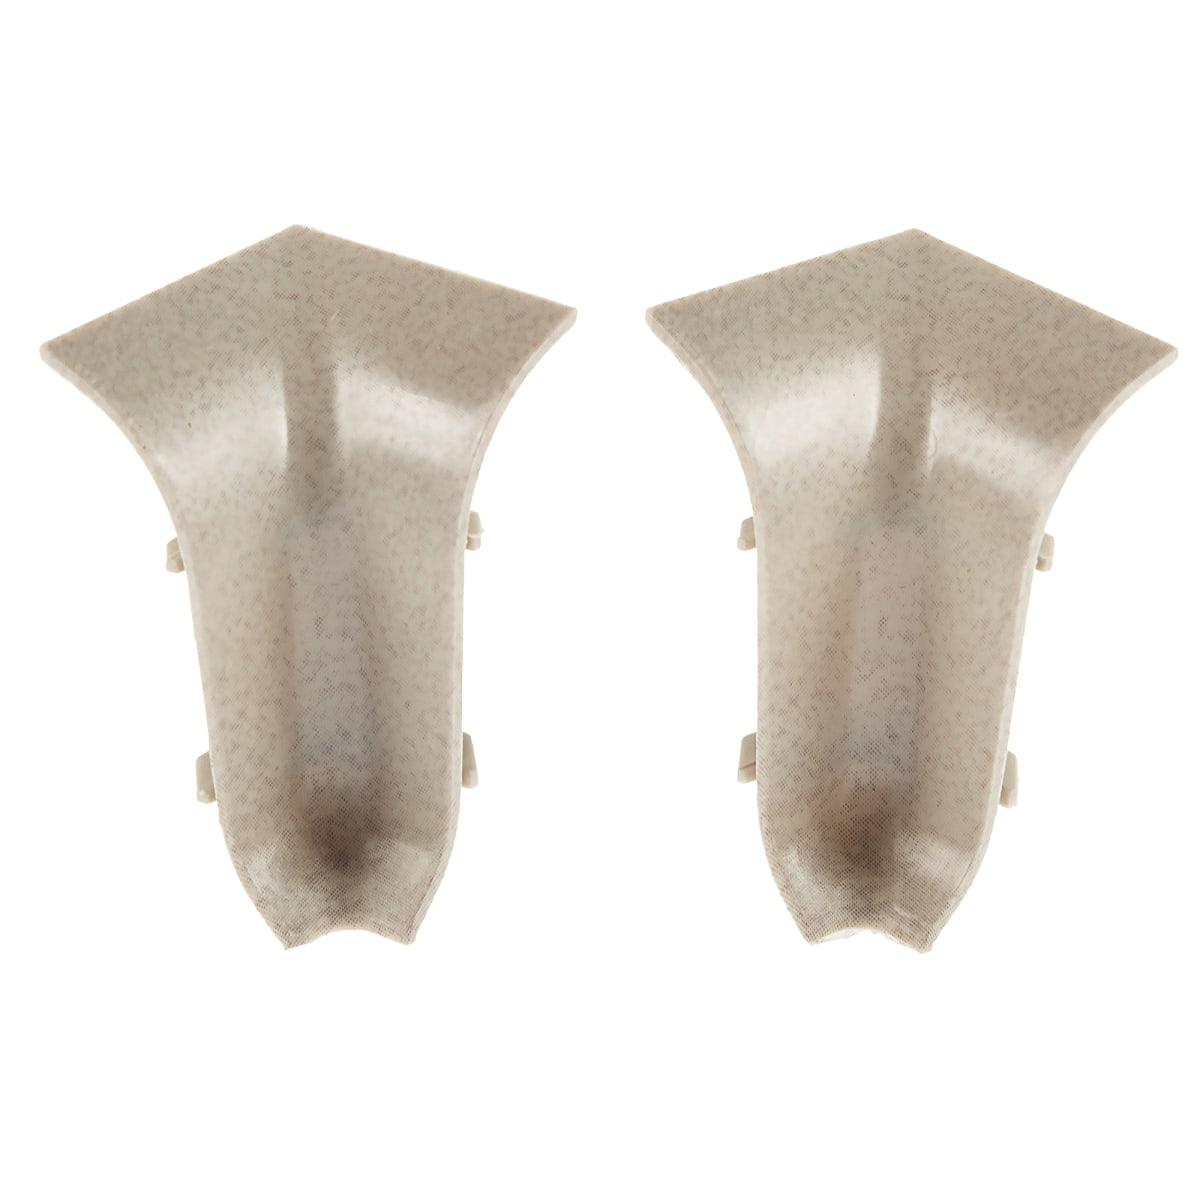 Угол для плинтуса внутренний «Светлый Мрамор» 47 мм 2 шт.